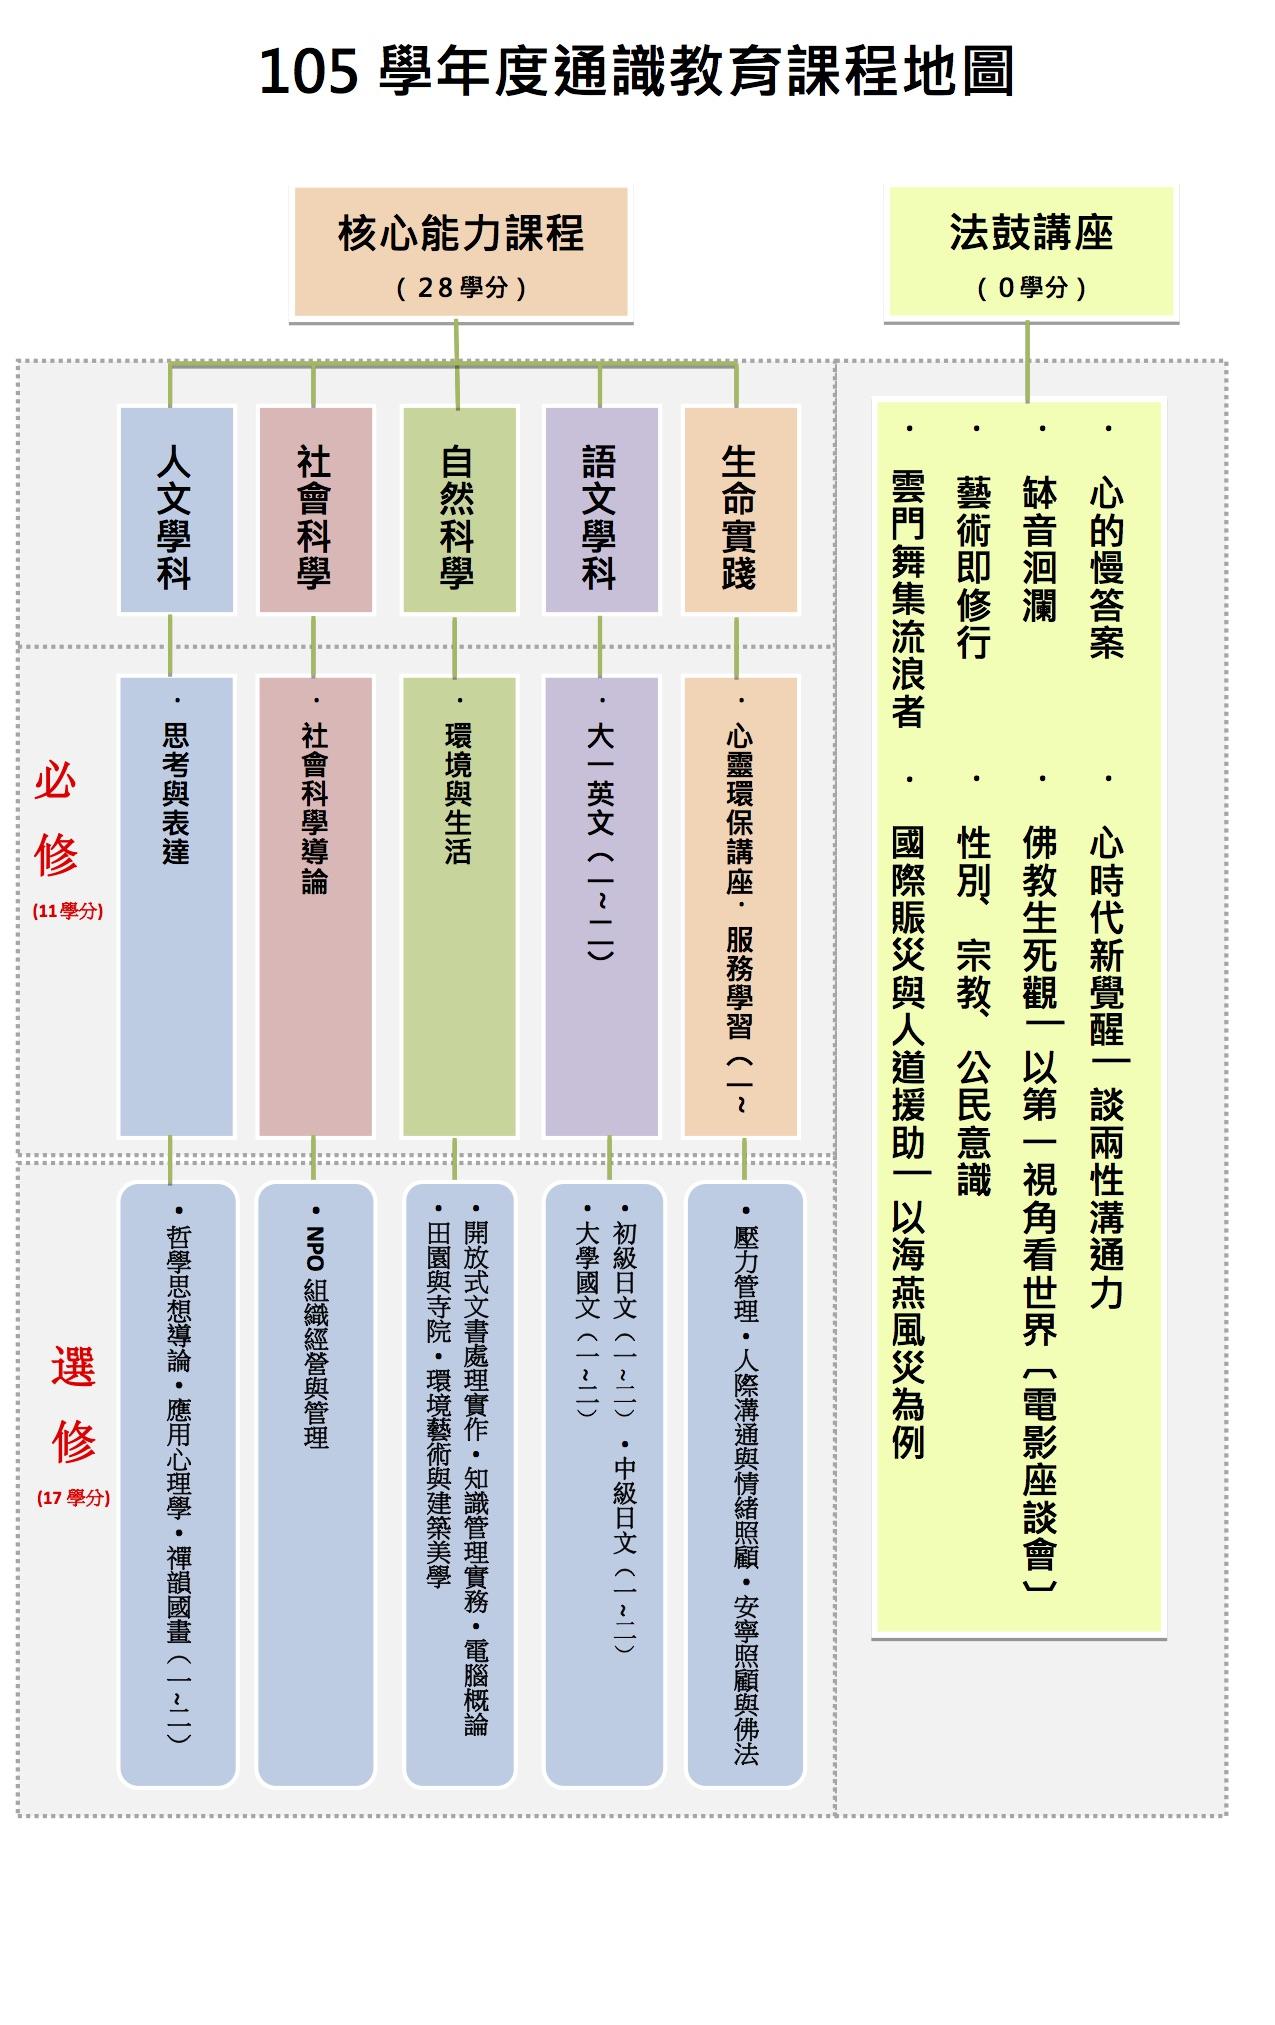 105 通識教育課程地圖